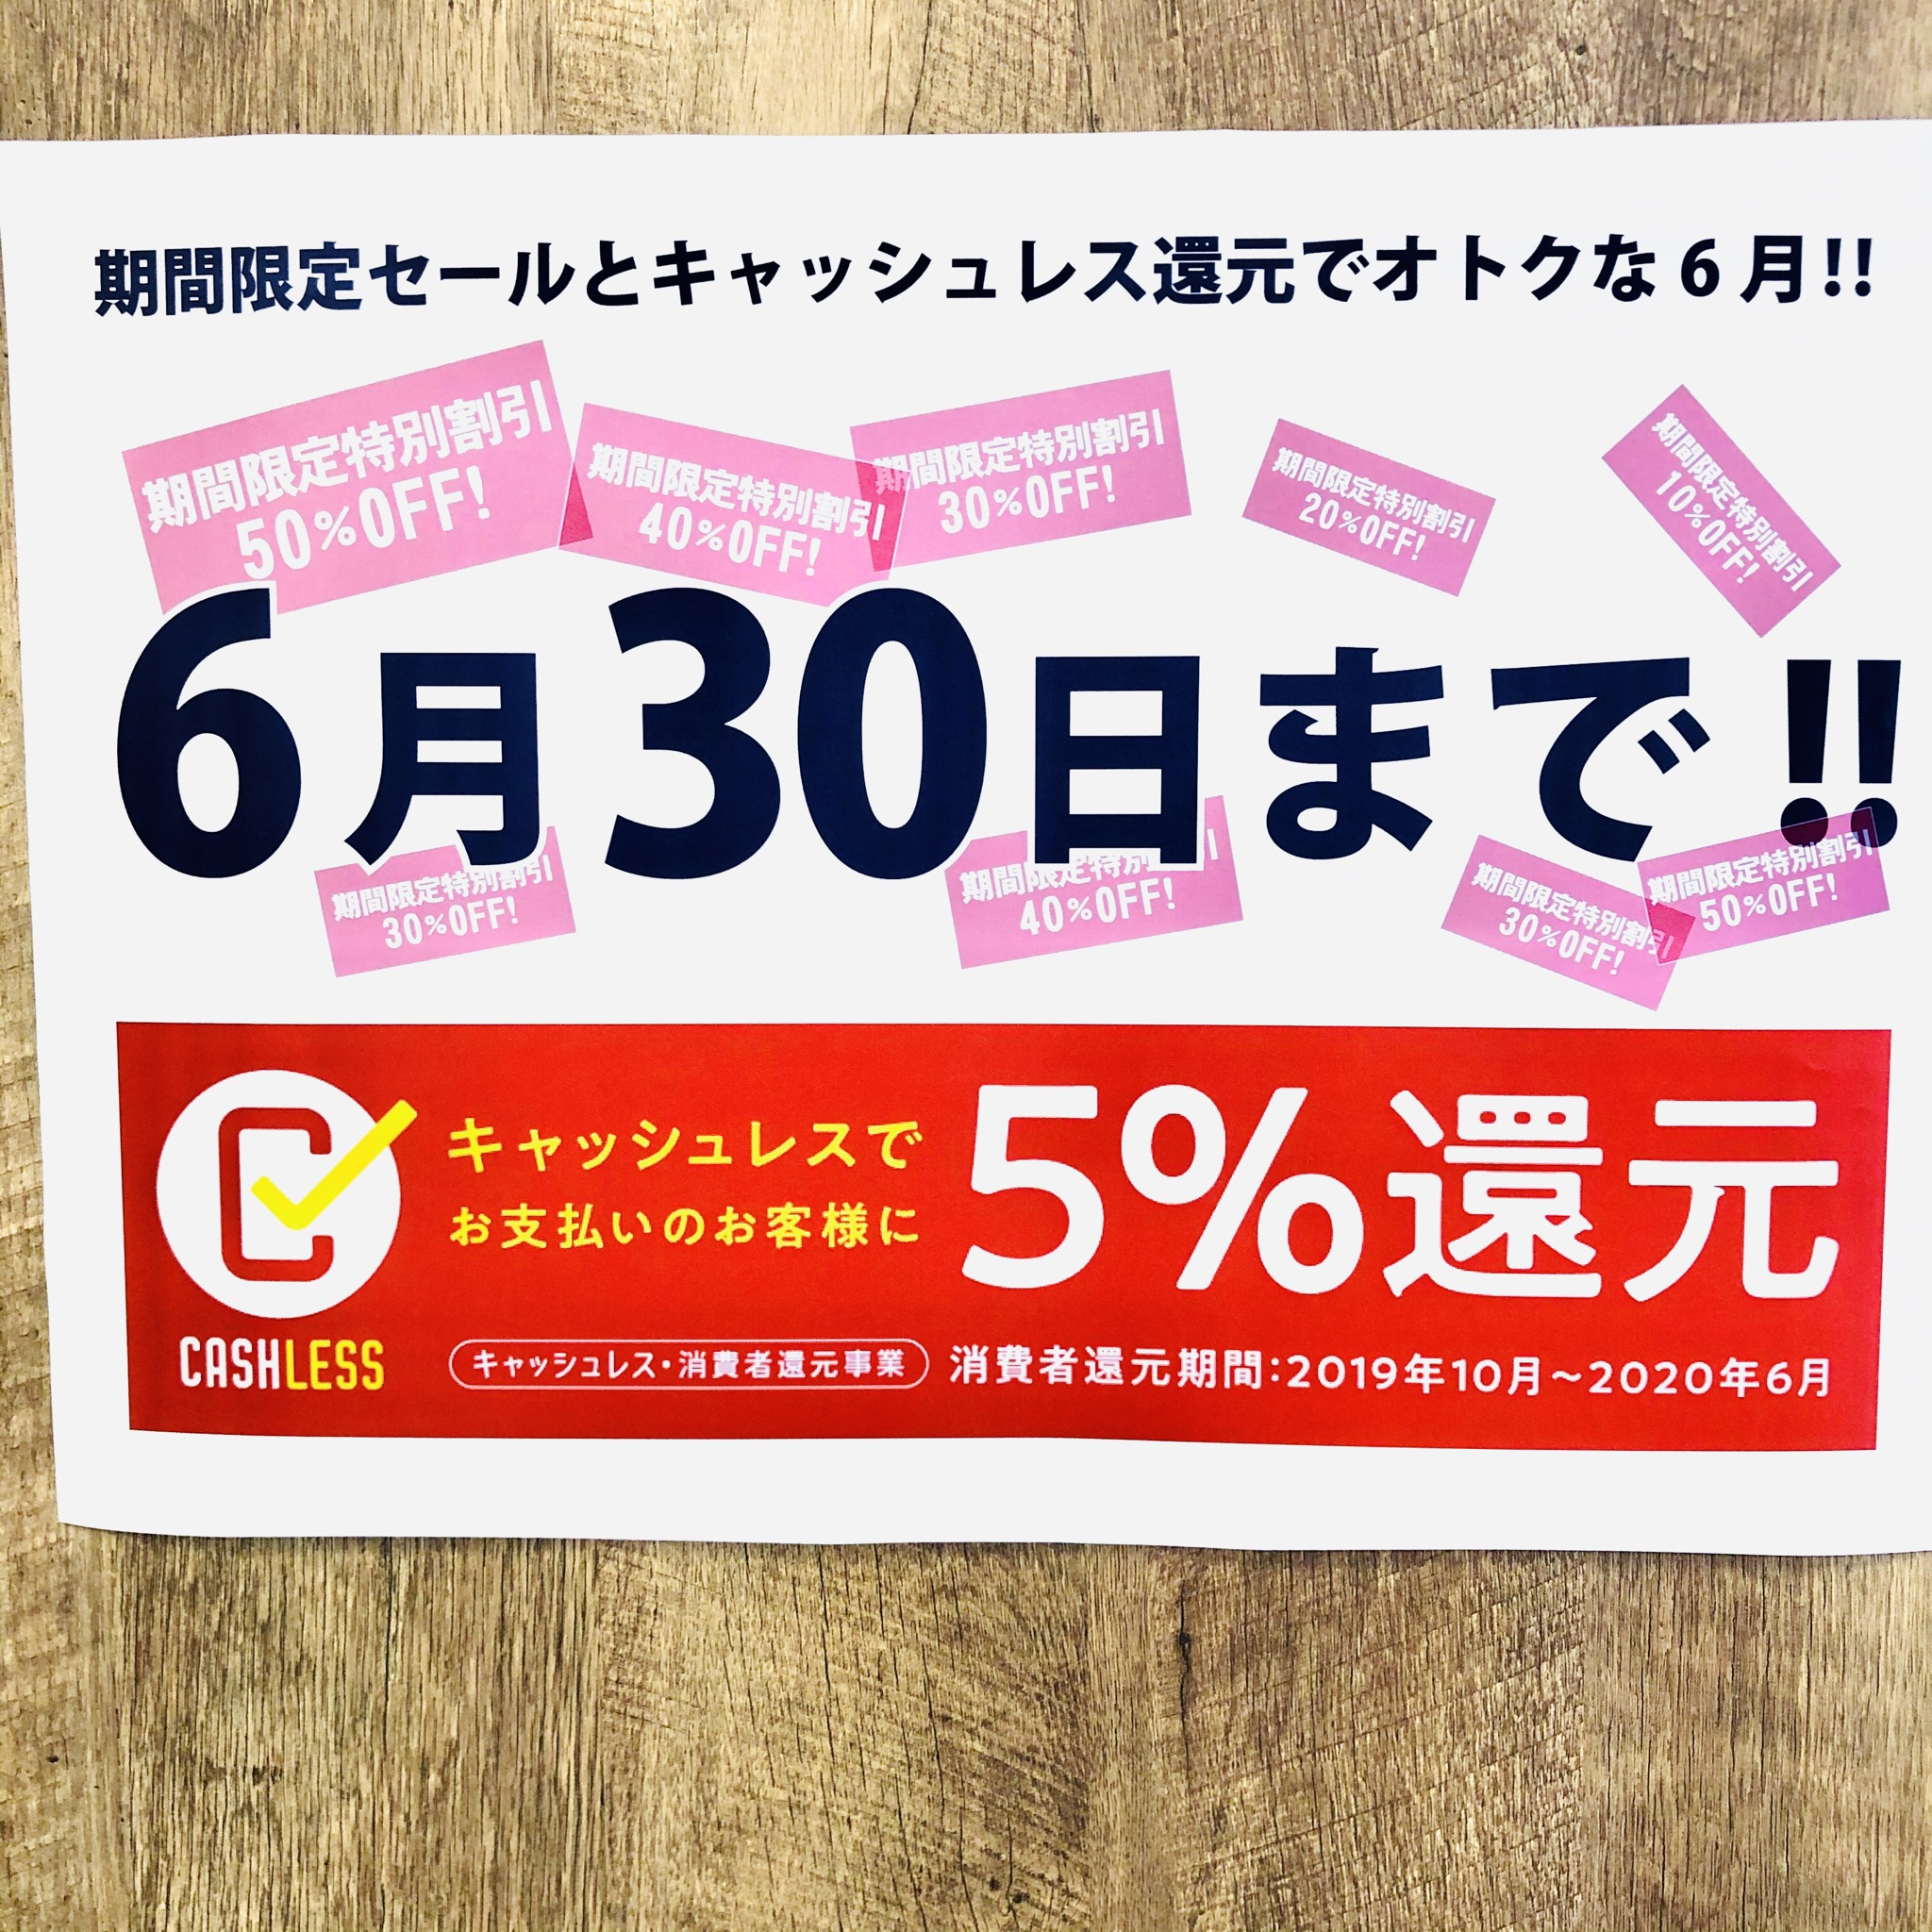 【盛岡 GUCCI 販売】終了間近!!キャッシュレス還元5%でお得にお買い物